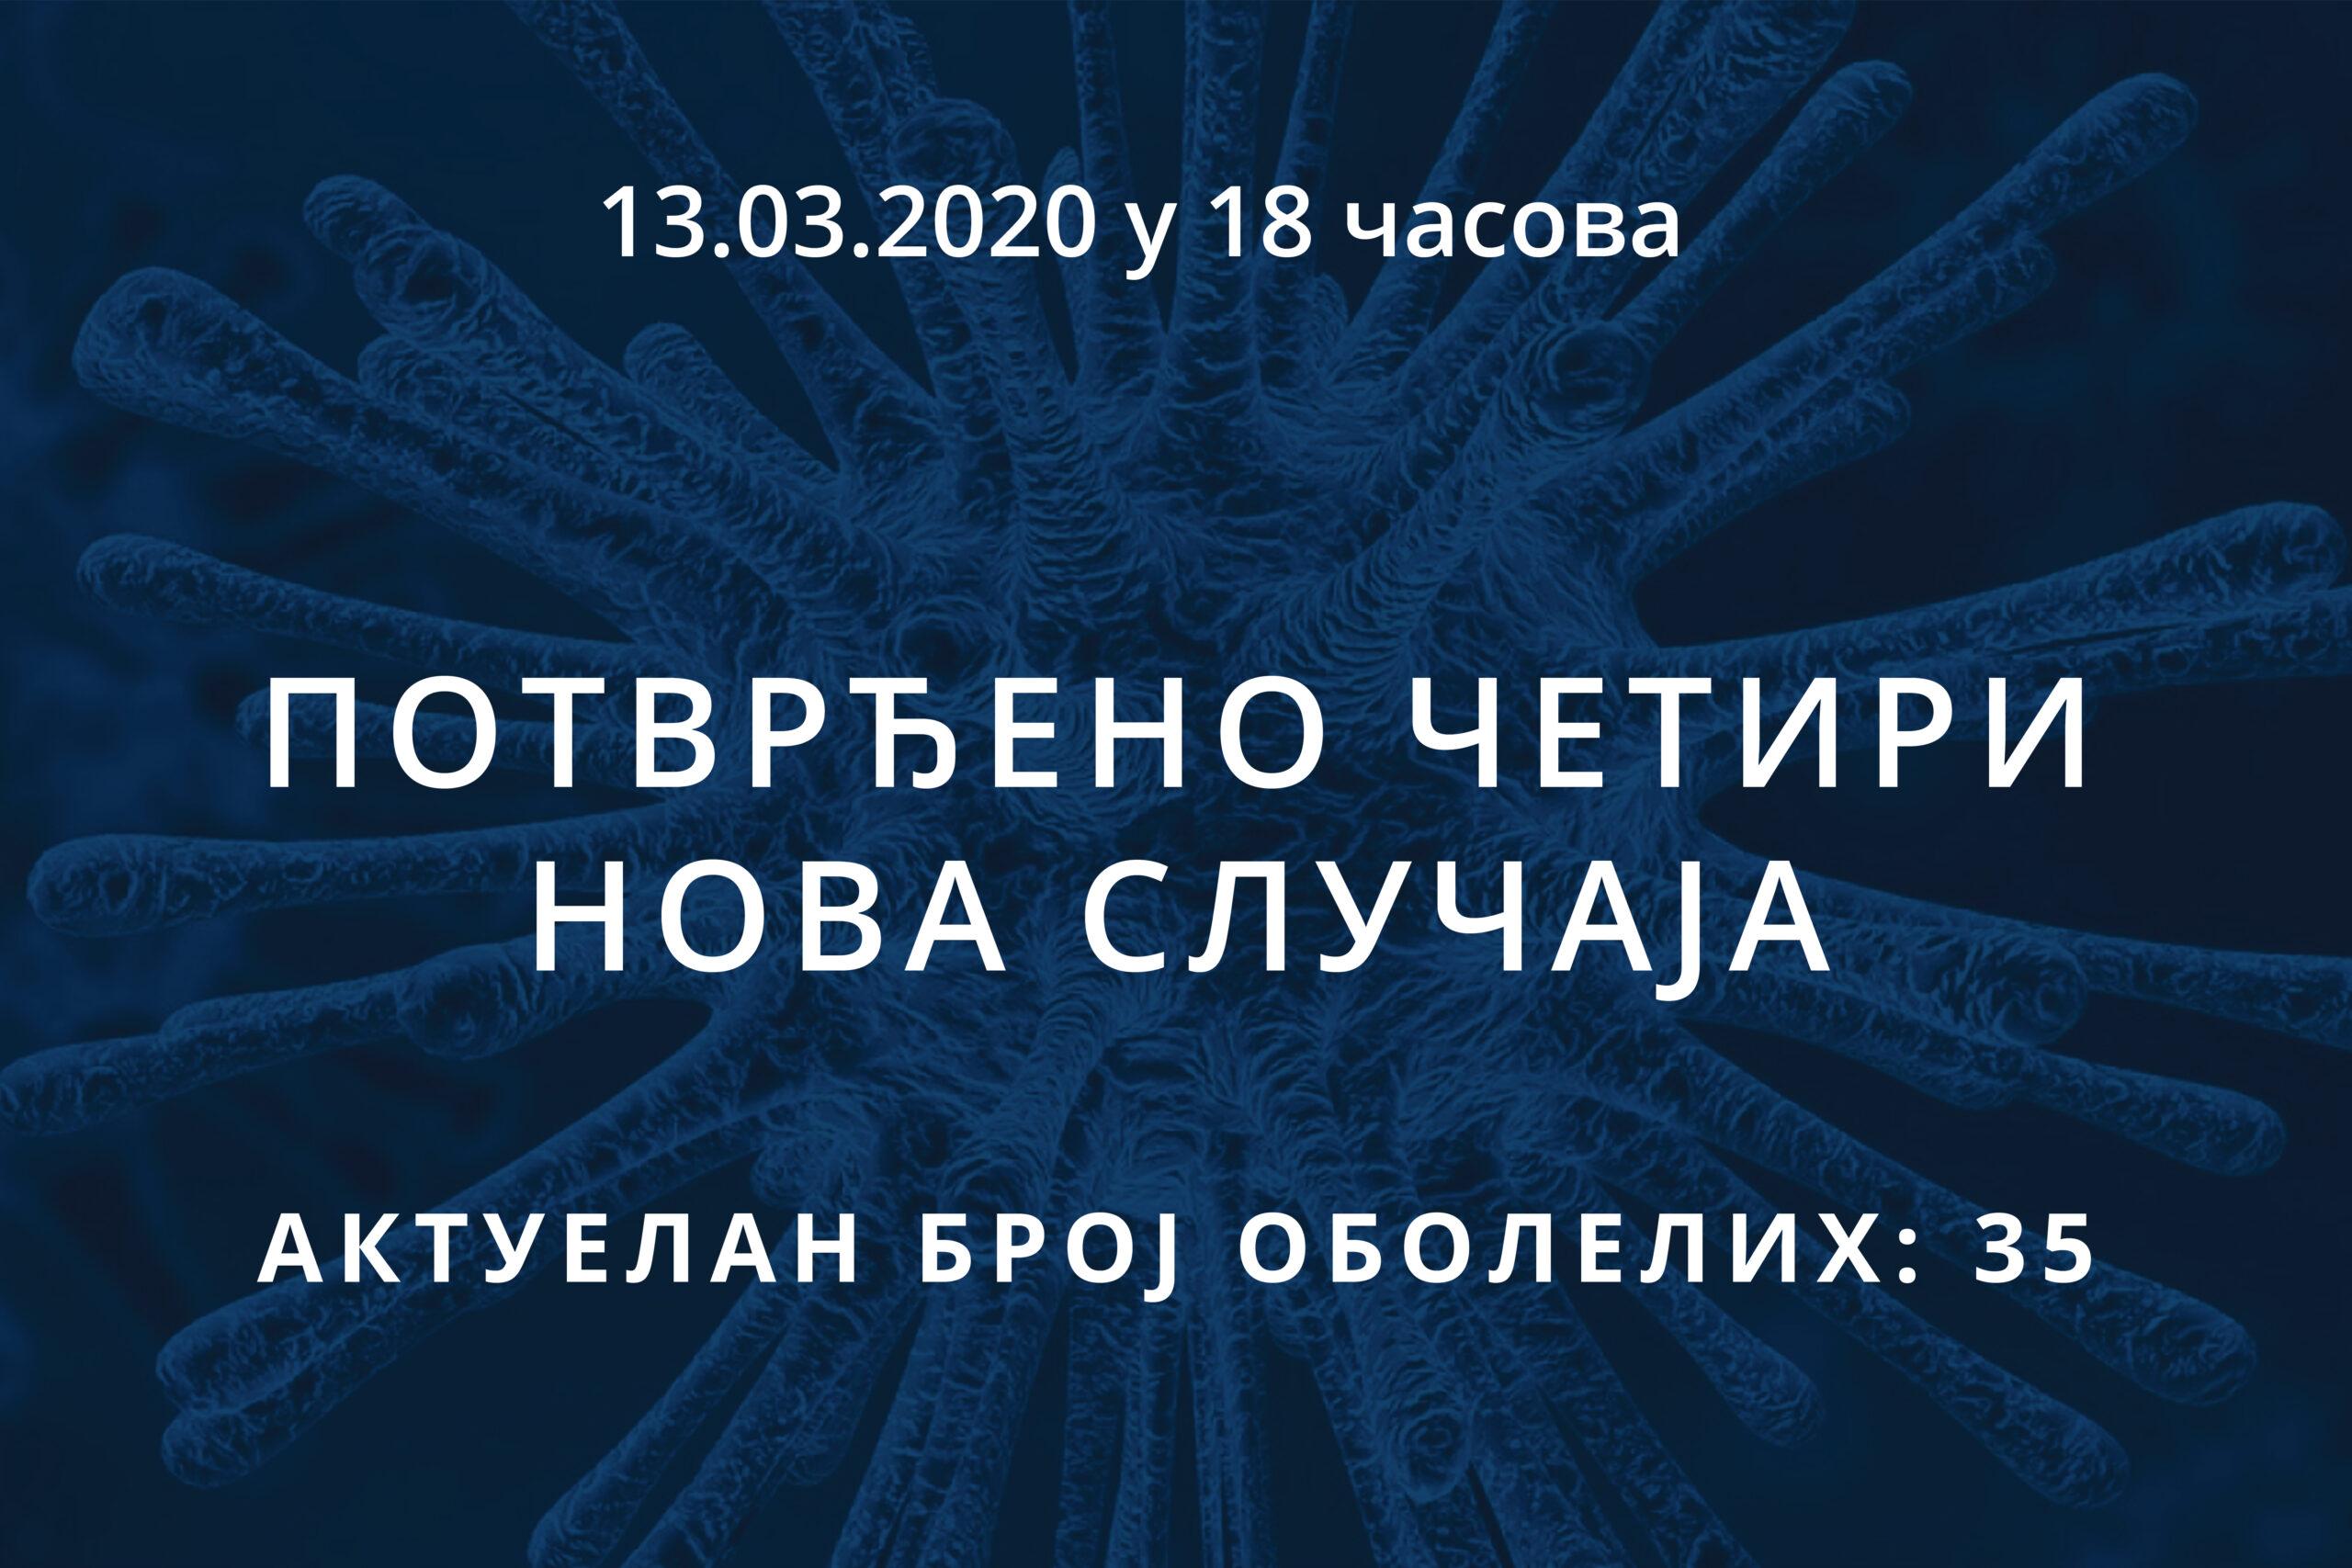 You are currently viewing Информације о корона вирусу COVID-19, 13.03.2020 у 18 часова